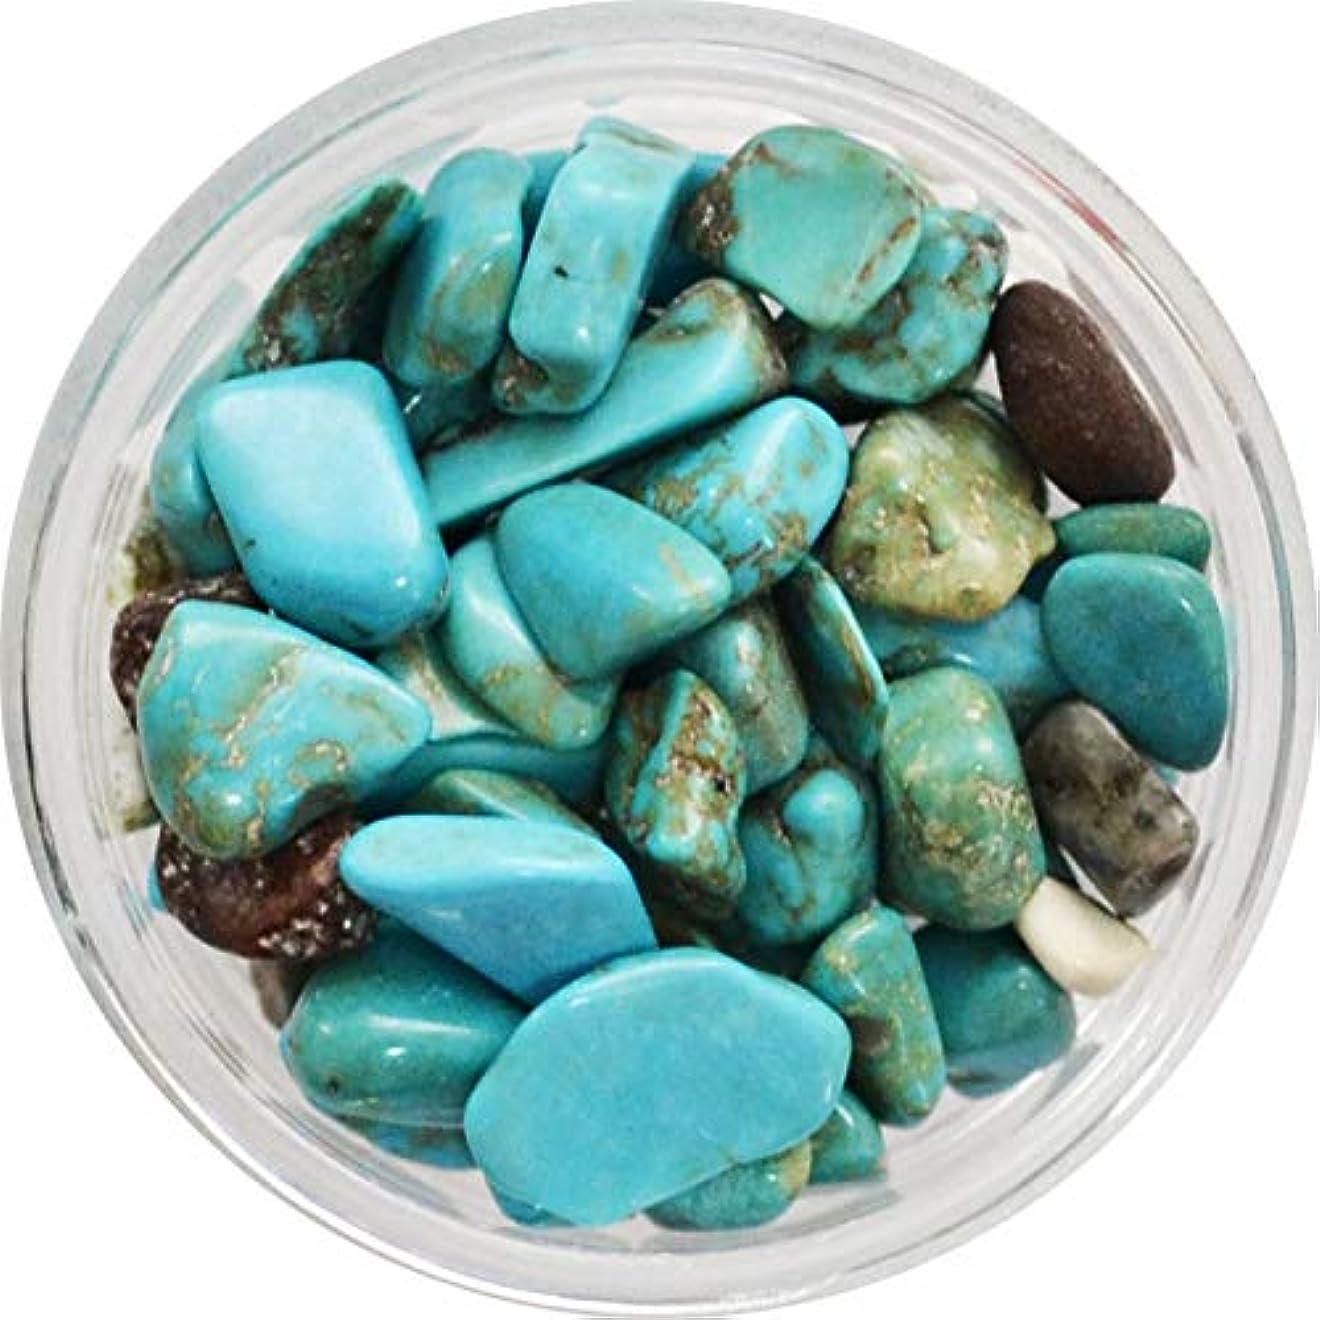 気体のストレスの多いボット天然石のネイルパーツ Natural Stones 丸いプラスチックケース入り (ターコイズカラー)